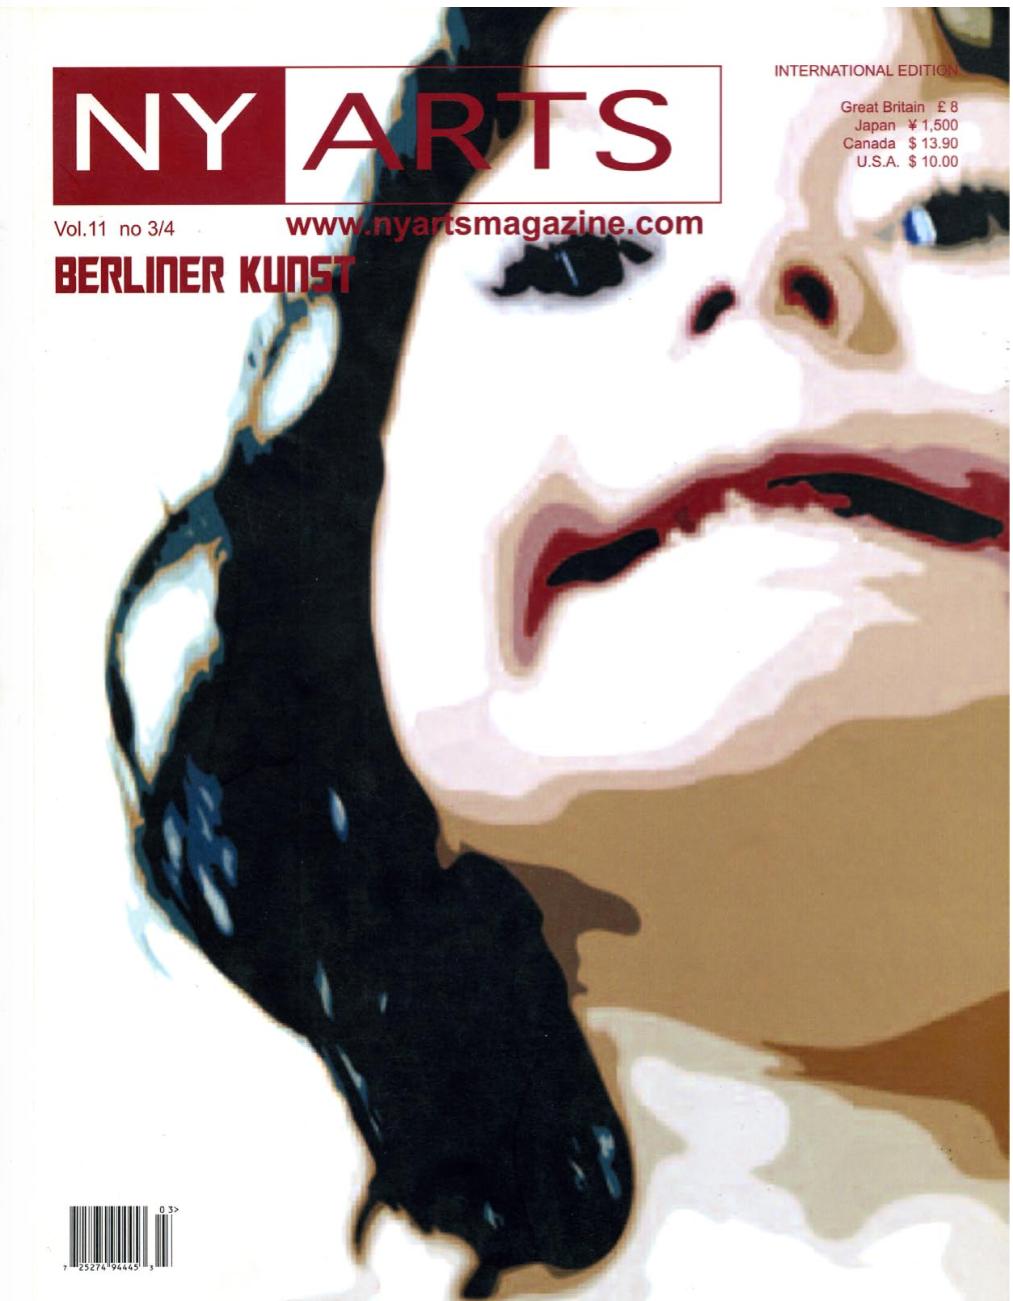 NY Arts Vol.11 by Berliner Kunst